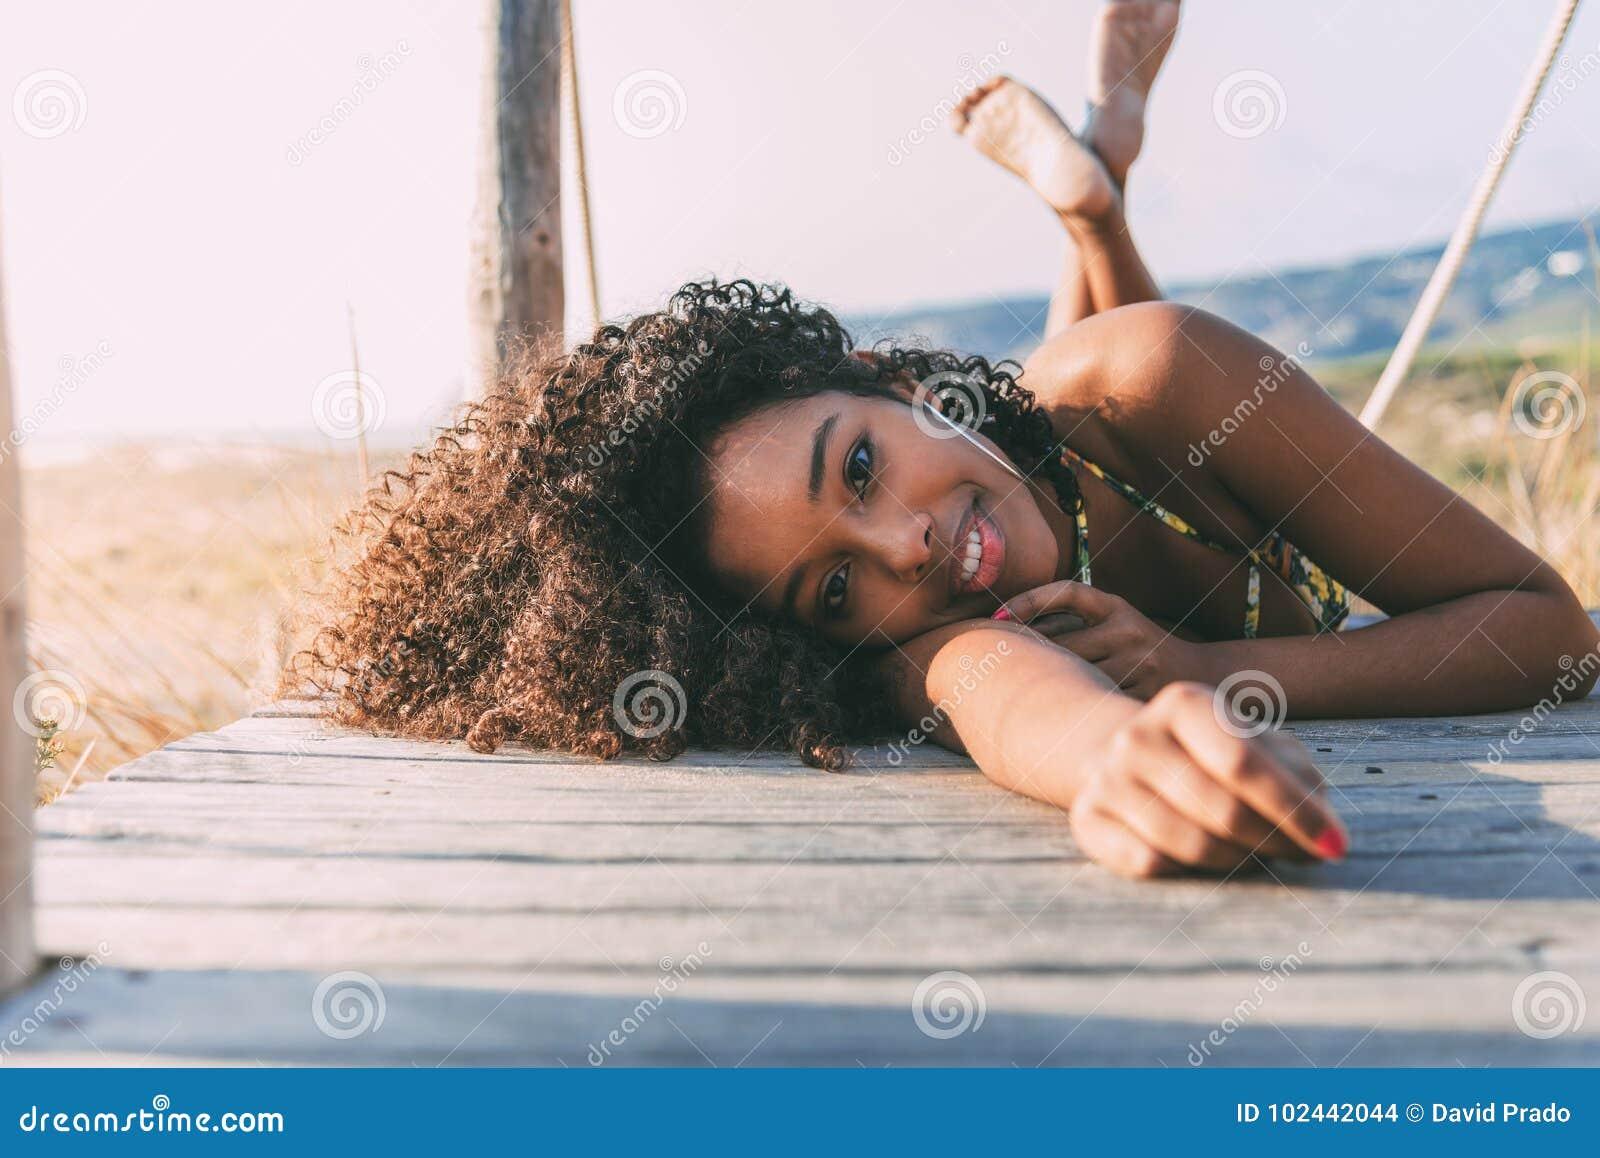 Mooi jong zwarte die in een houten voetbrug liggen